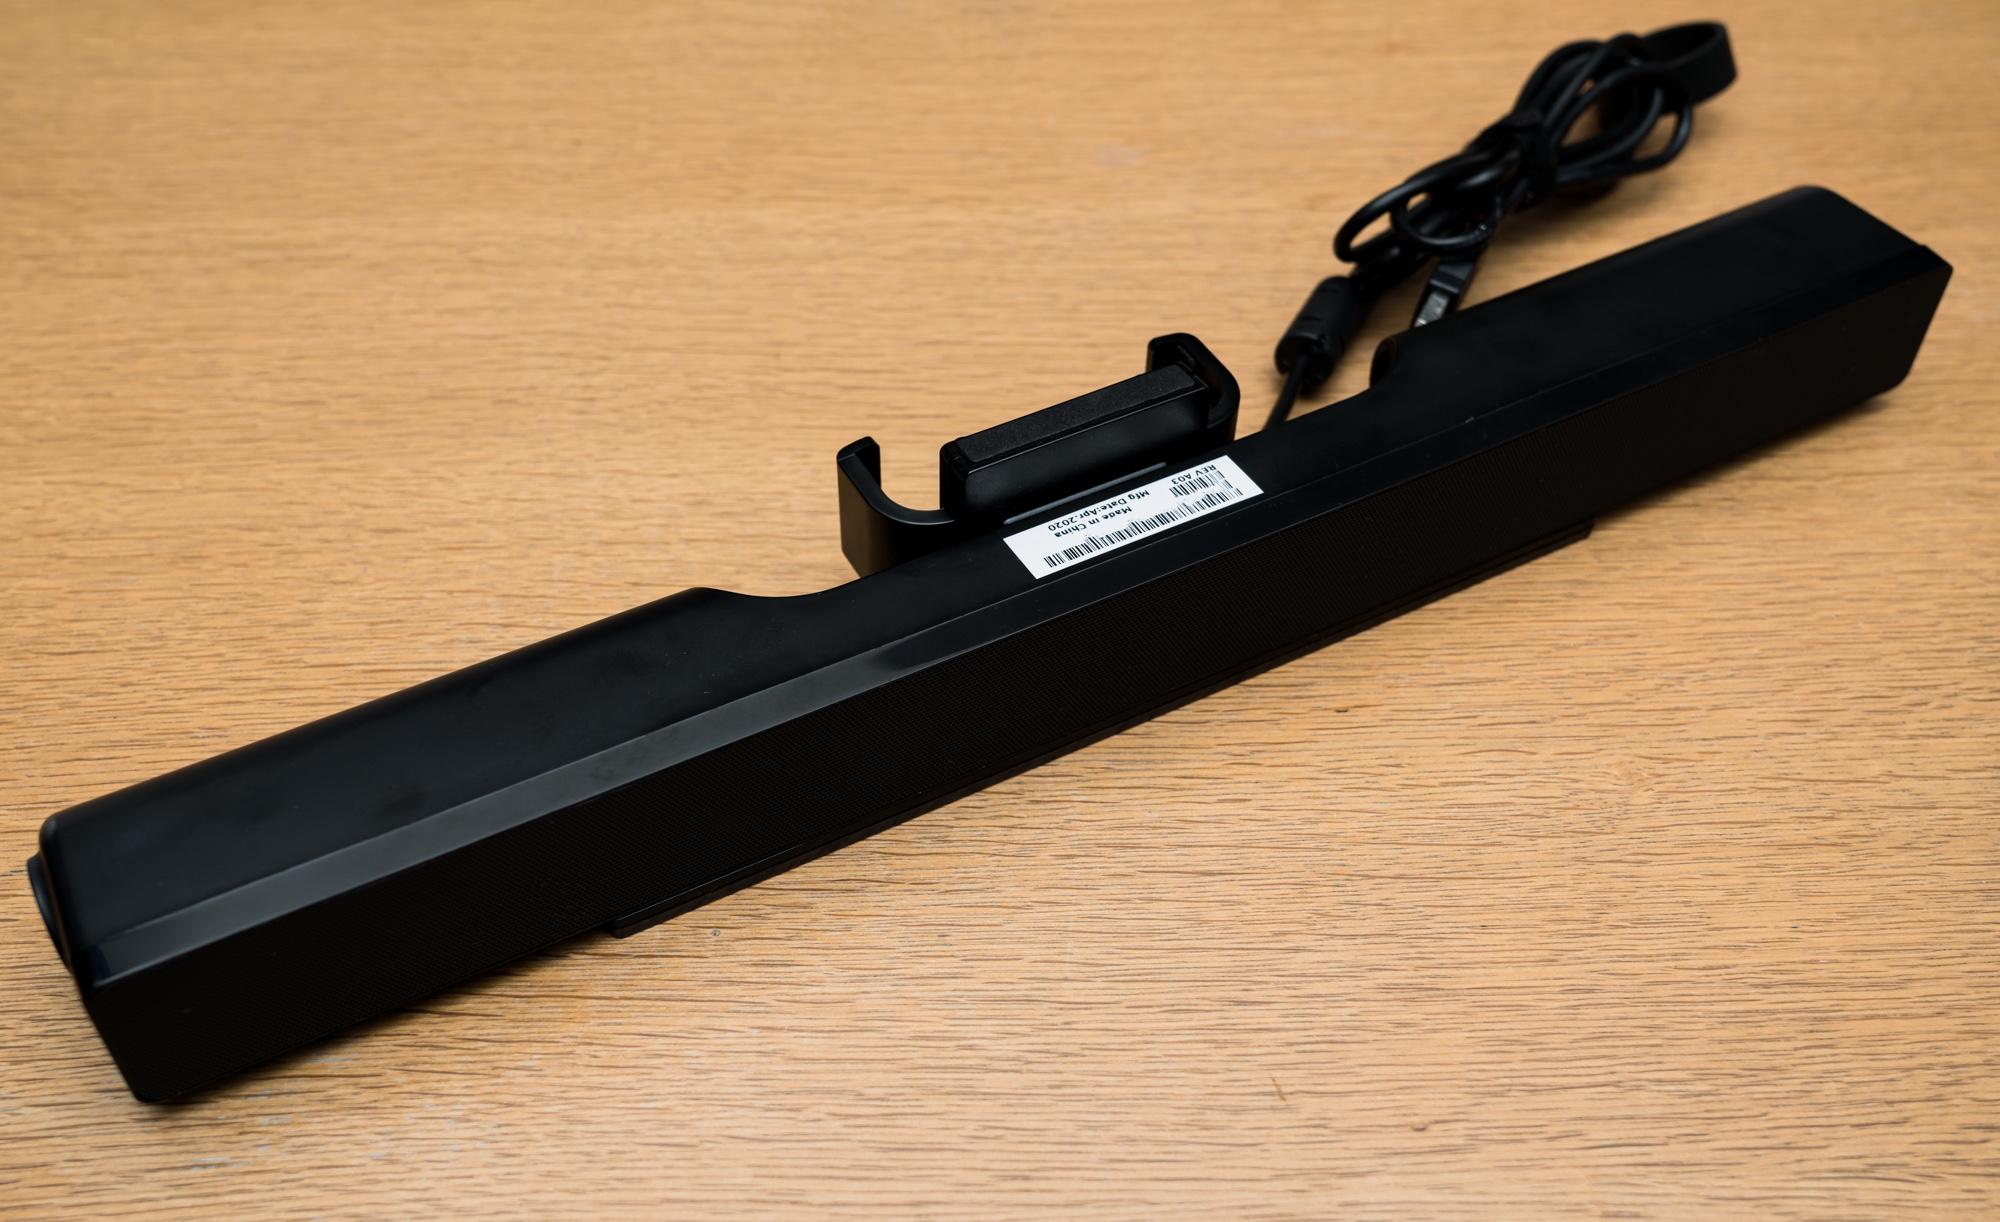 【レビュー】Dell ステレオサウンドバー AC511Mは見た目は良いが……